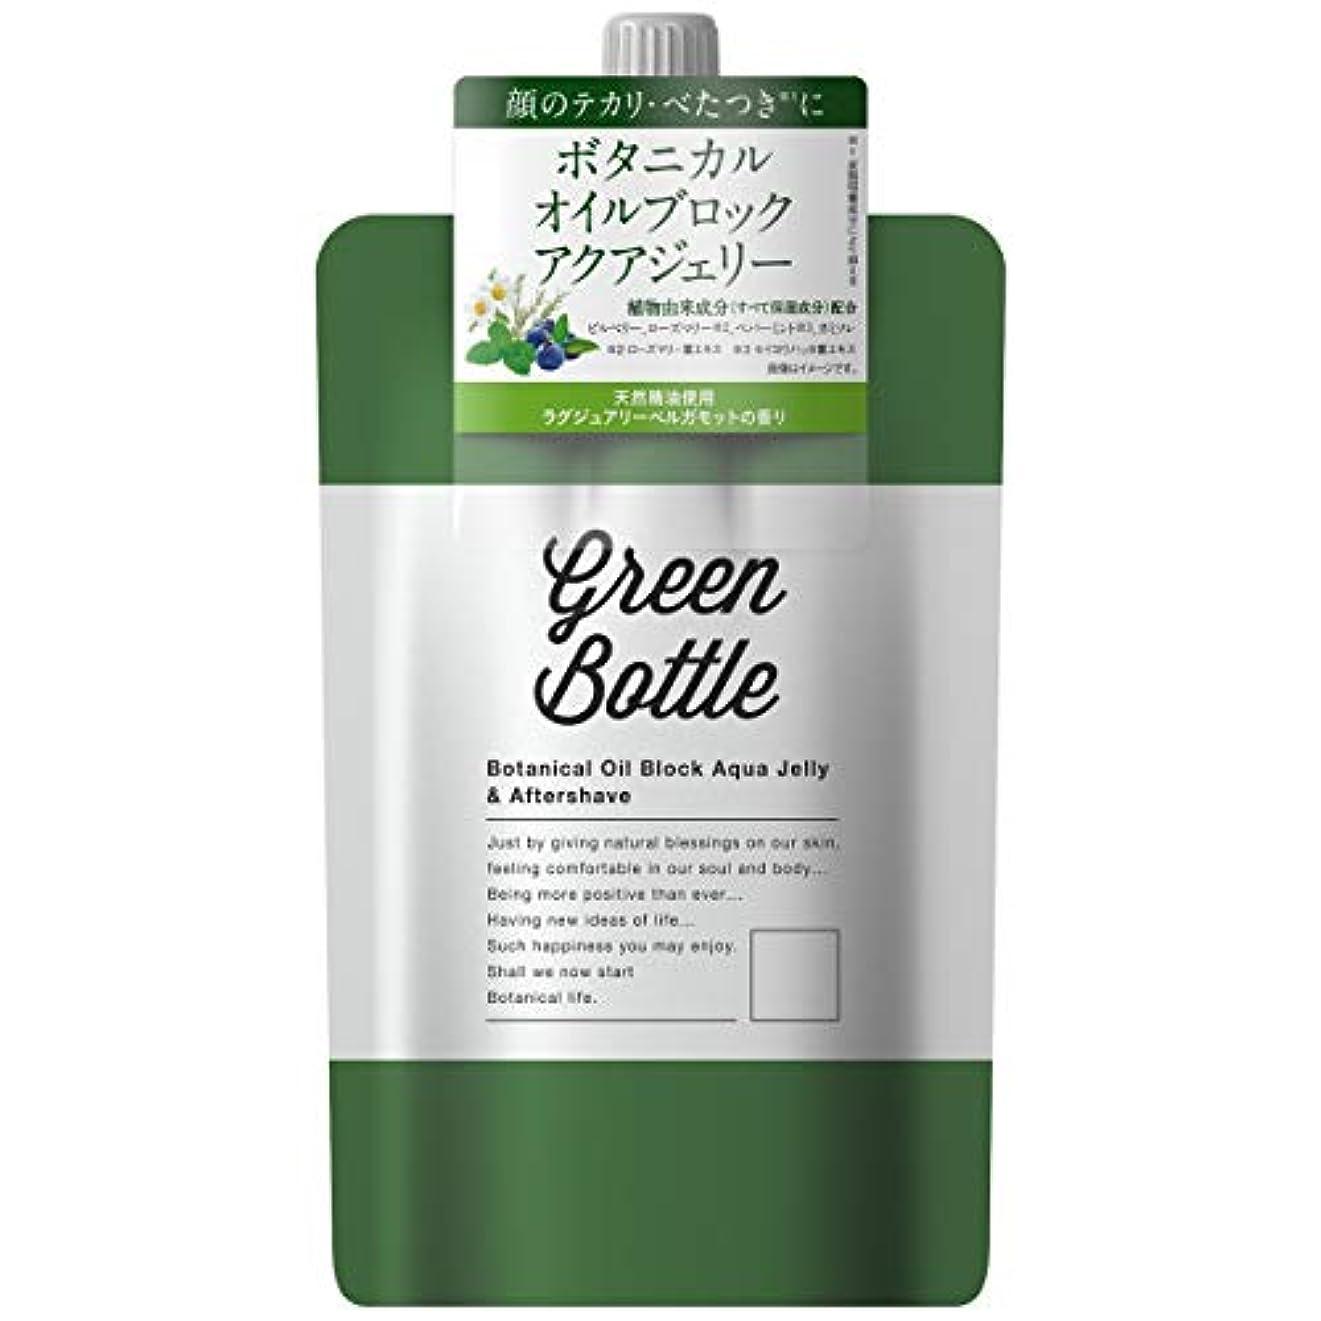 植物学者唯一考古学者グリーンボトルボタニカル グリーンボトル ボタニカルオイルブロックアクアジェリー 化粧水 ラグジュアリーベルガモットの香り 150g